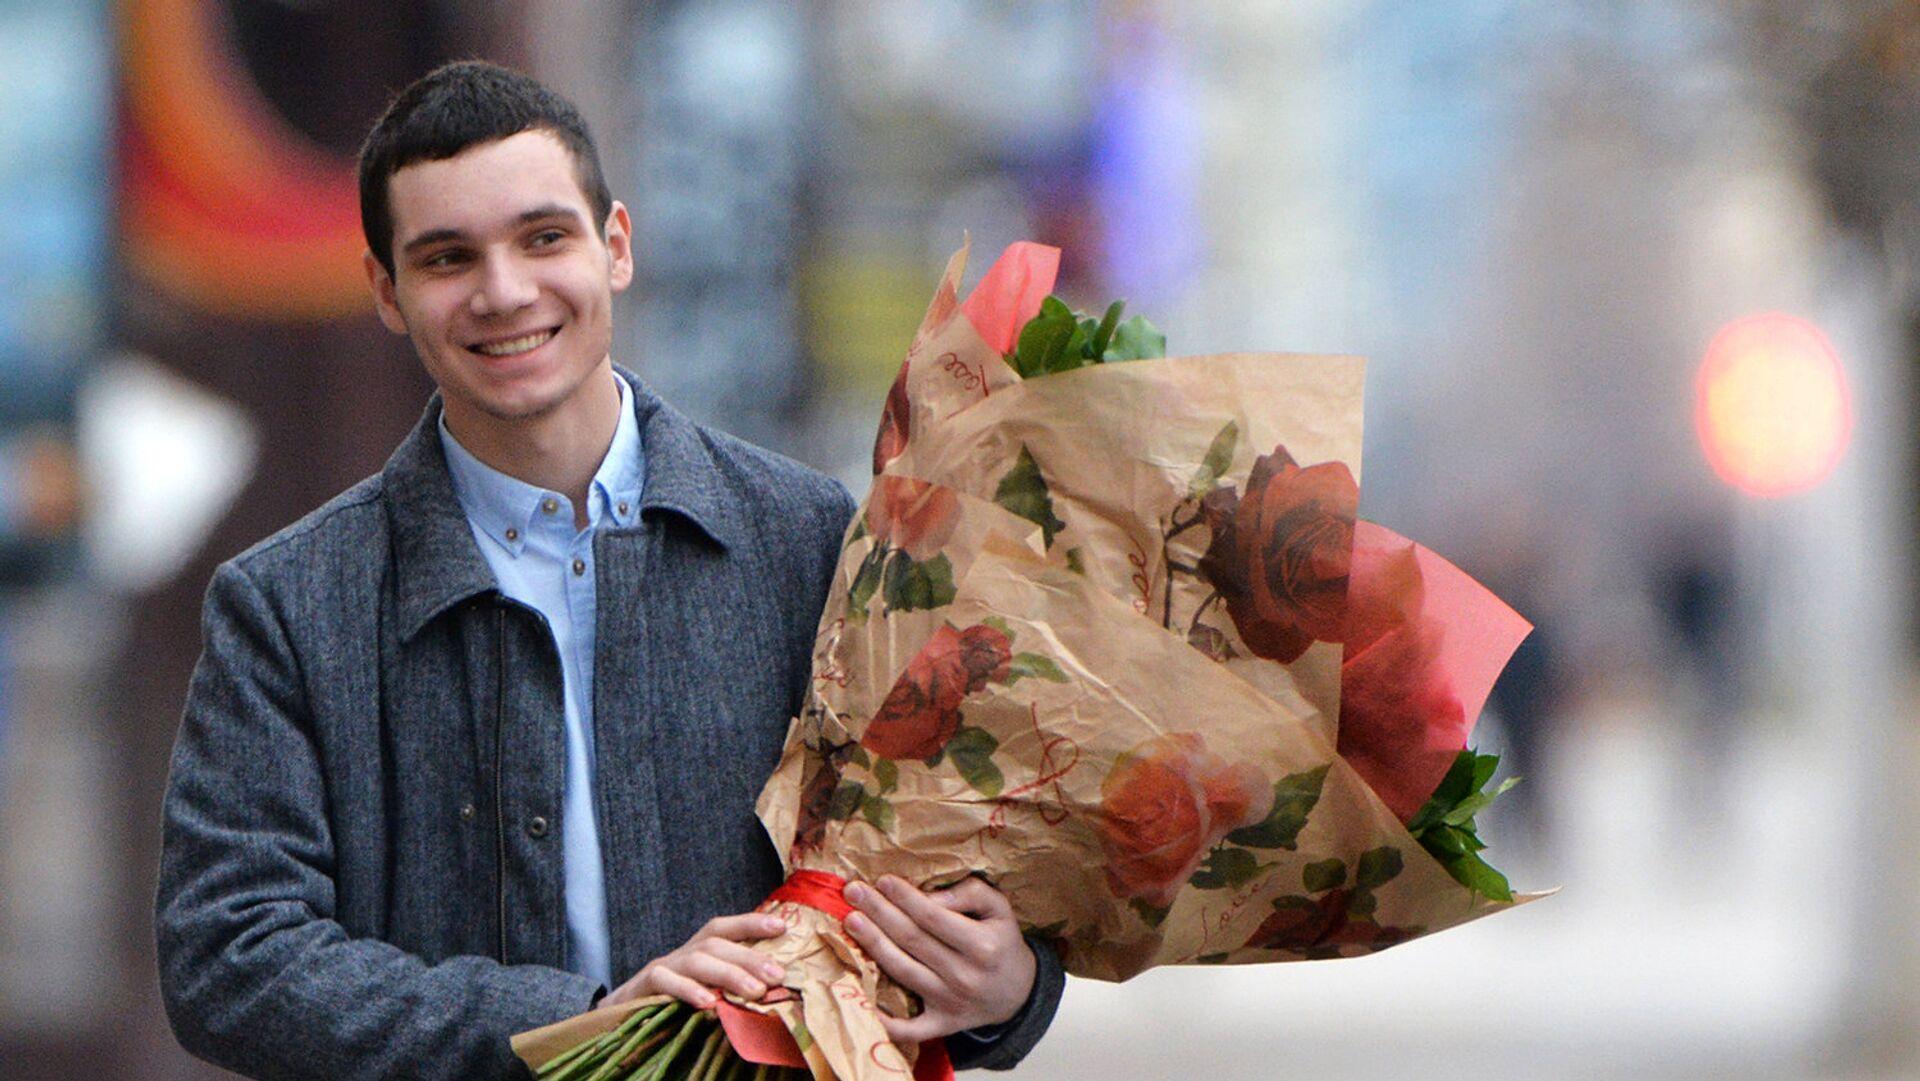 Это все цветочки. Как подарок к восьмому марта влияет на психологическое состояние? - РИА Новости, 1920, 06.03.2021